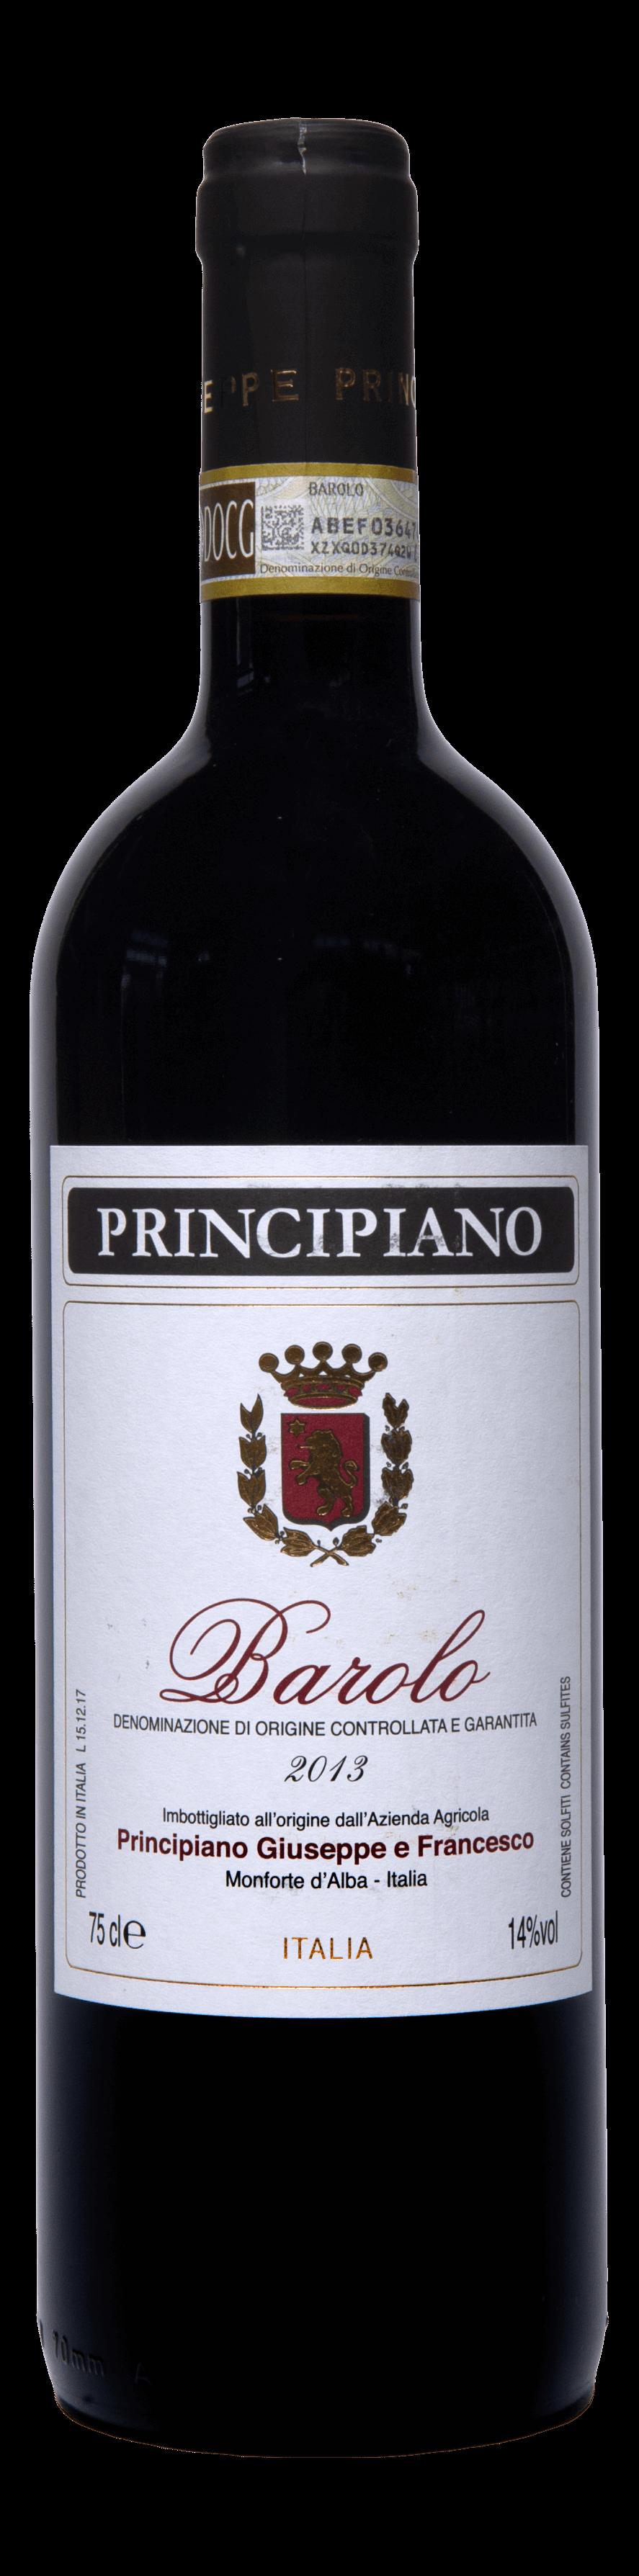 Barolo 2015 - Principiano 0,75 lt